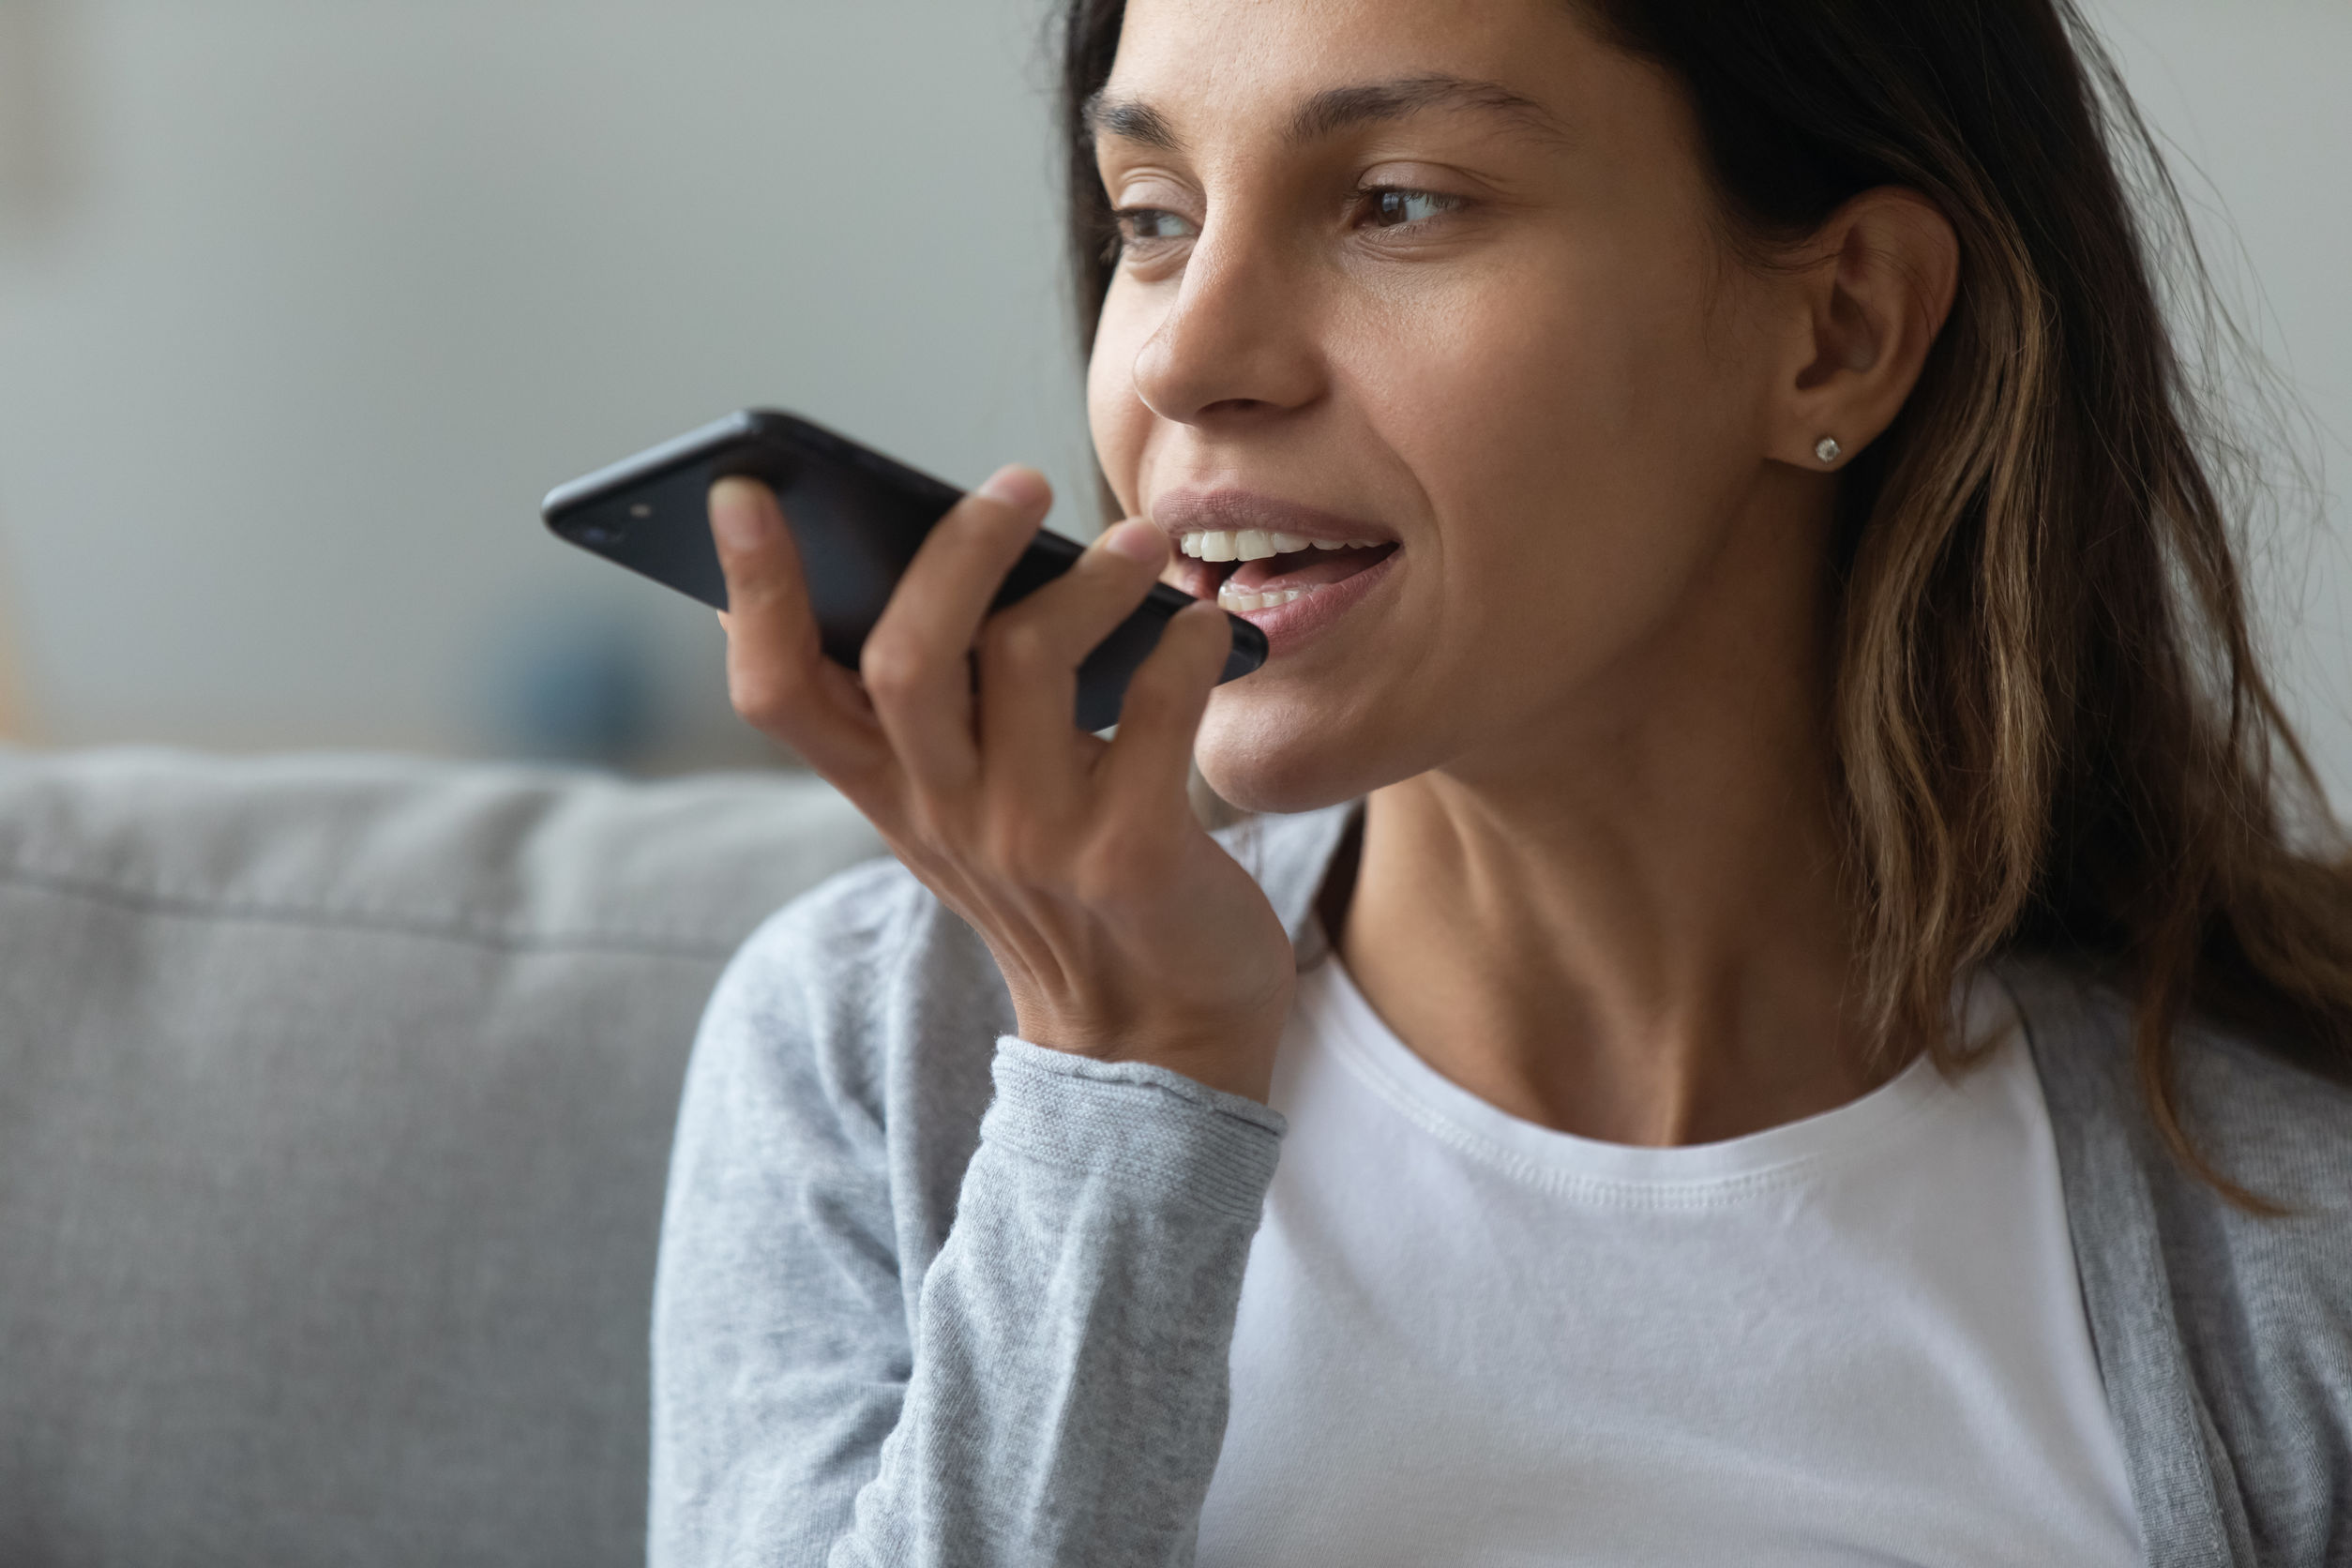 Imagem mostra uma mulher falando junto a um pequeno dispositivo.